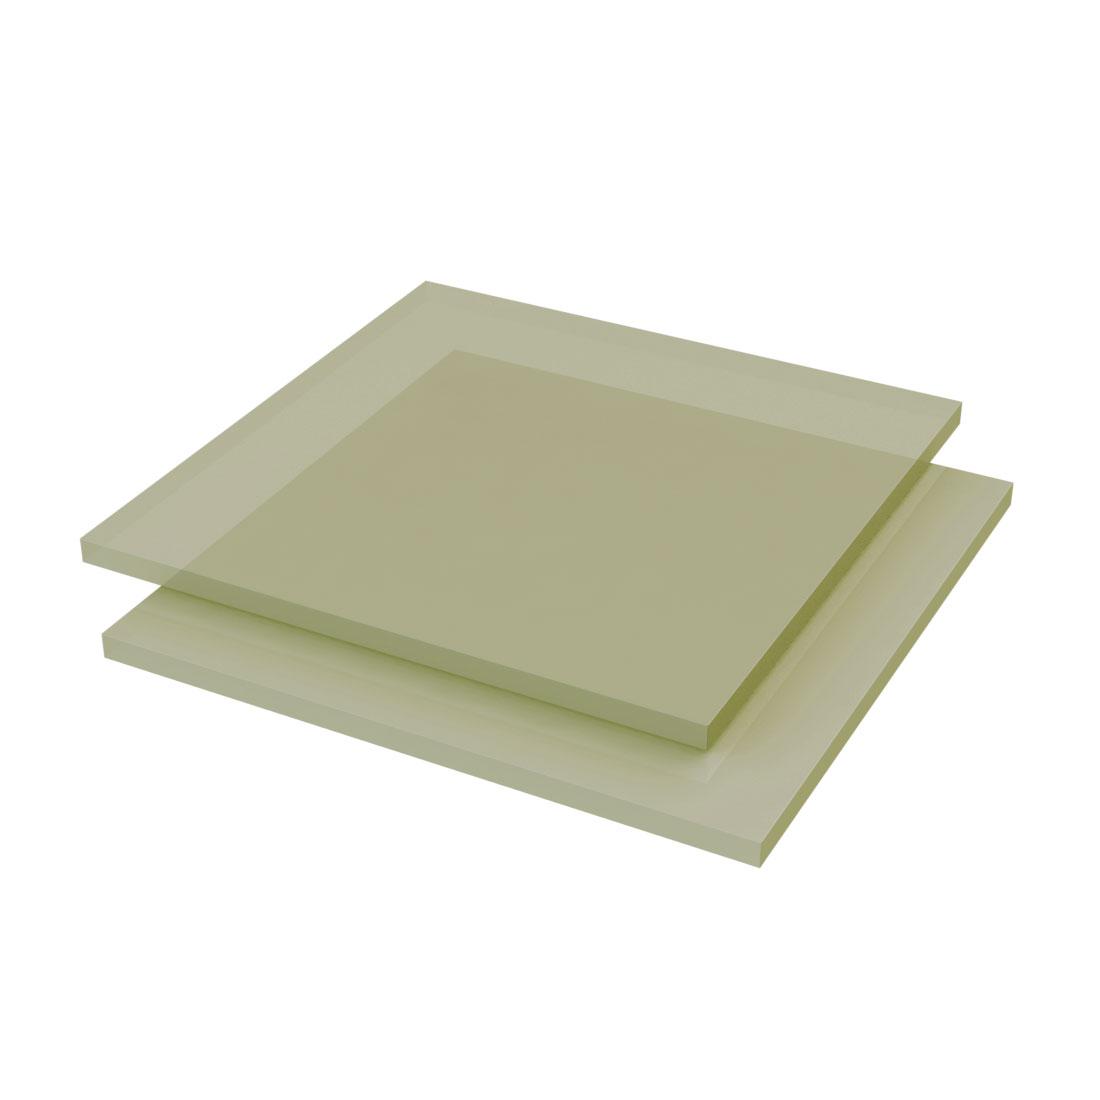 Vinplast Epoxy glasweefsel Plaat EPGC202 1050x1025x0,2mm